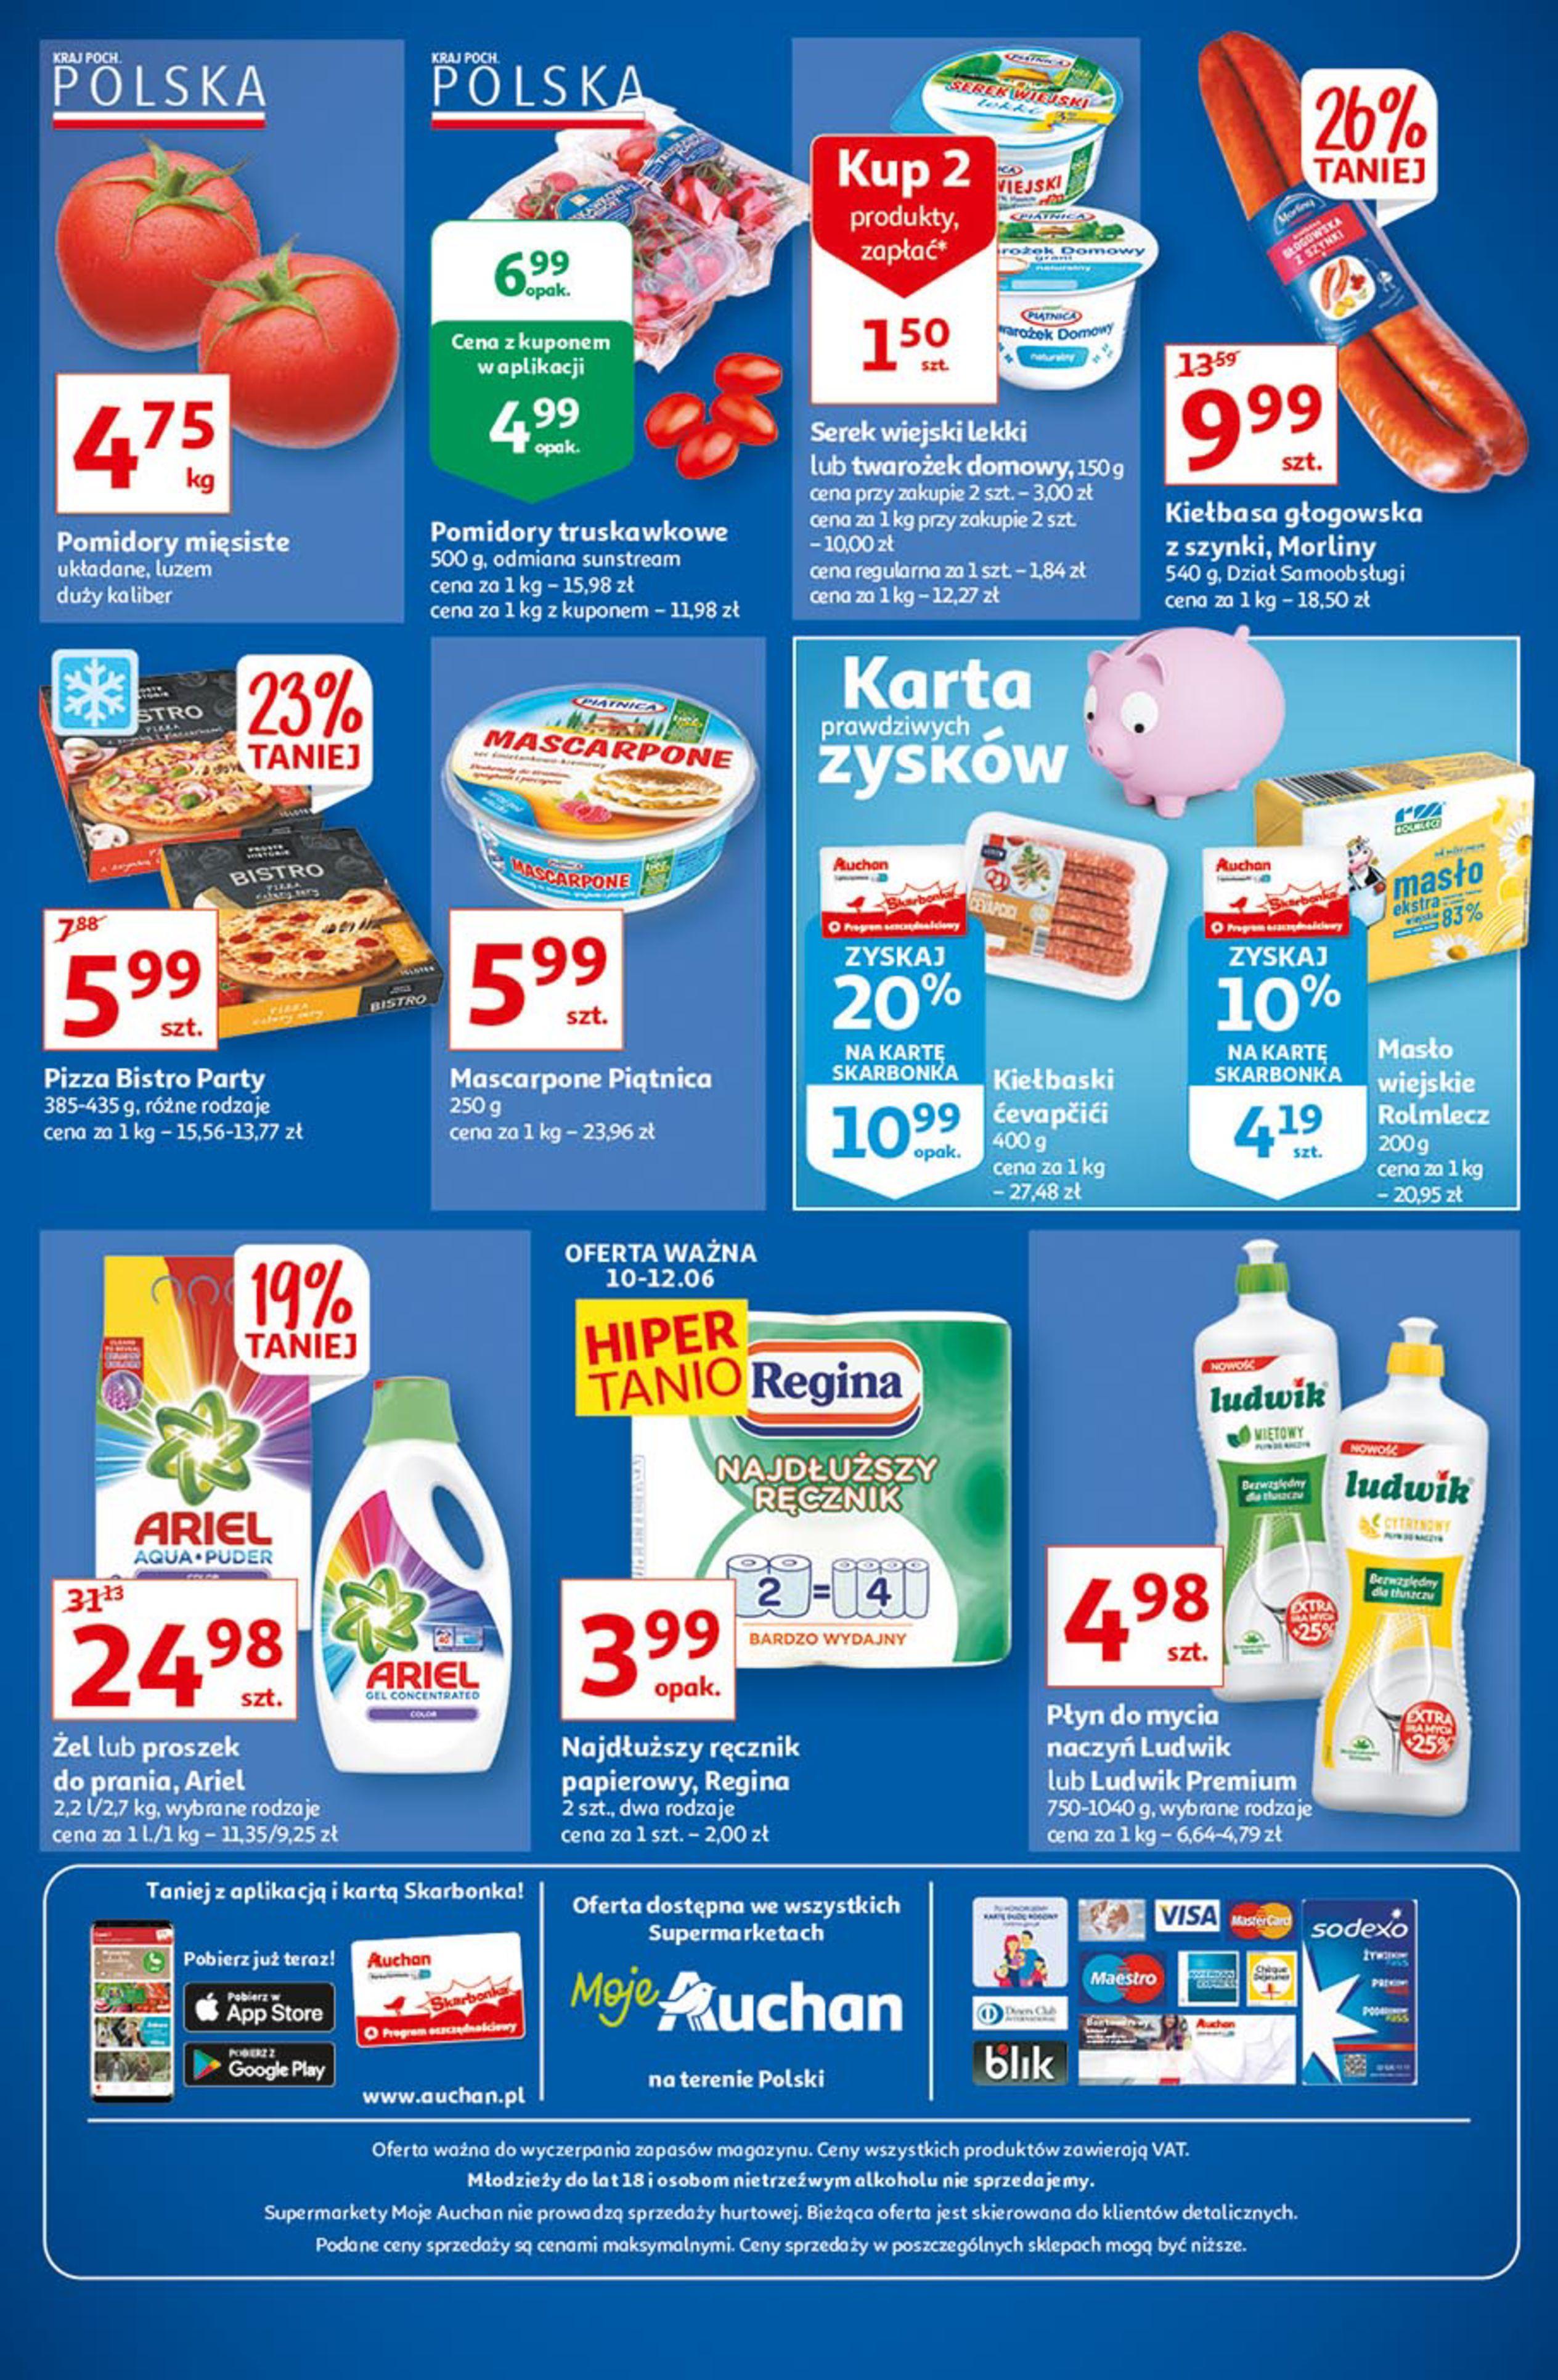 Gazetka Auchan: Gazetka Auchan - Ceny w dół 2021-06-10 page-1